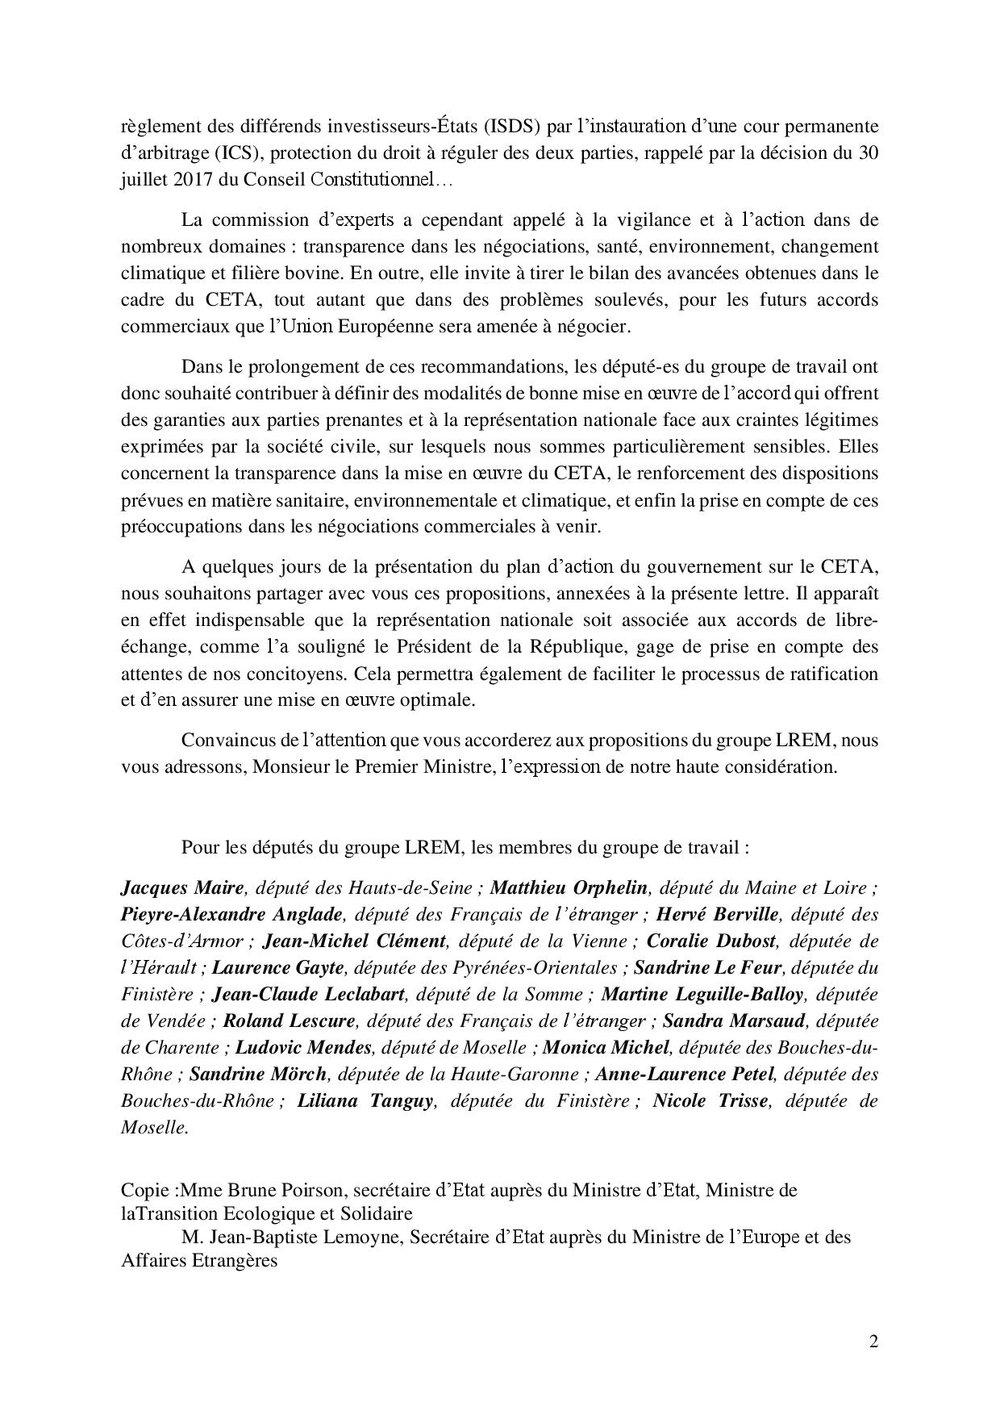 LettreREMCETAPM-page-002.jpg